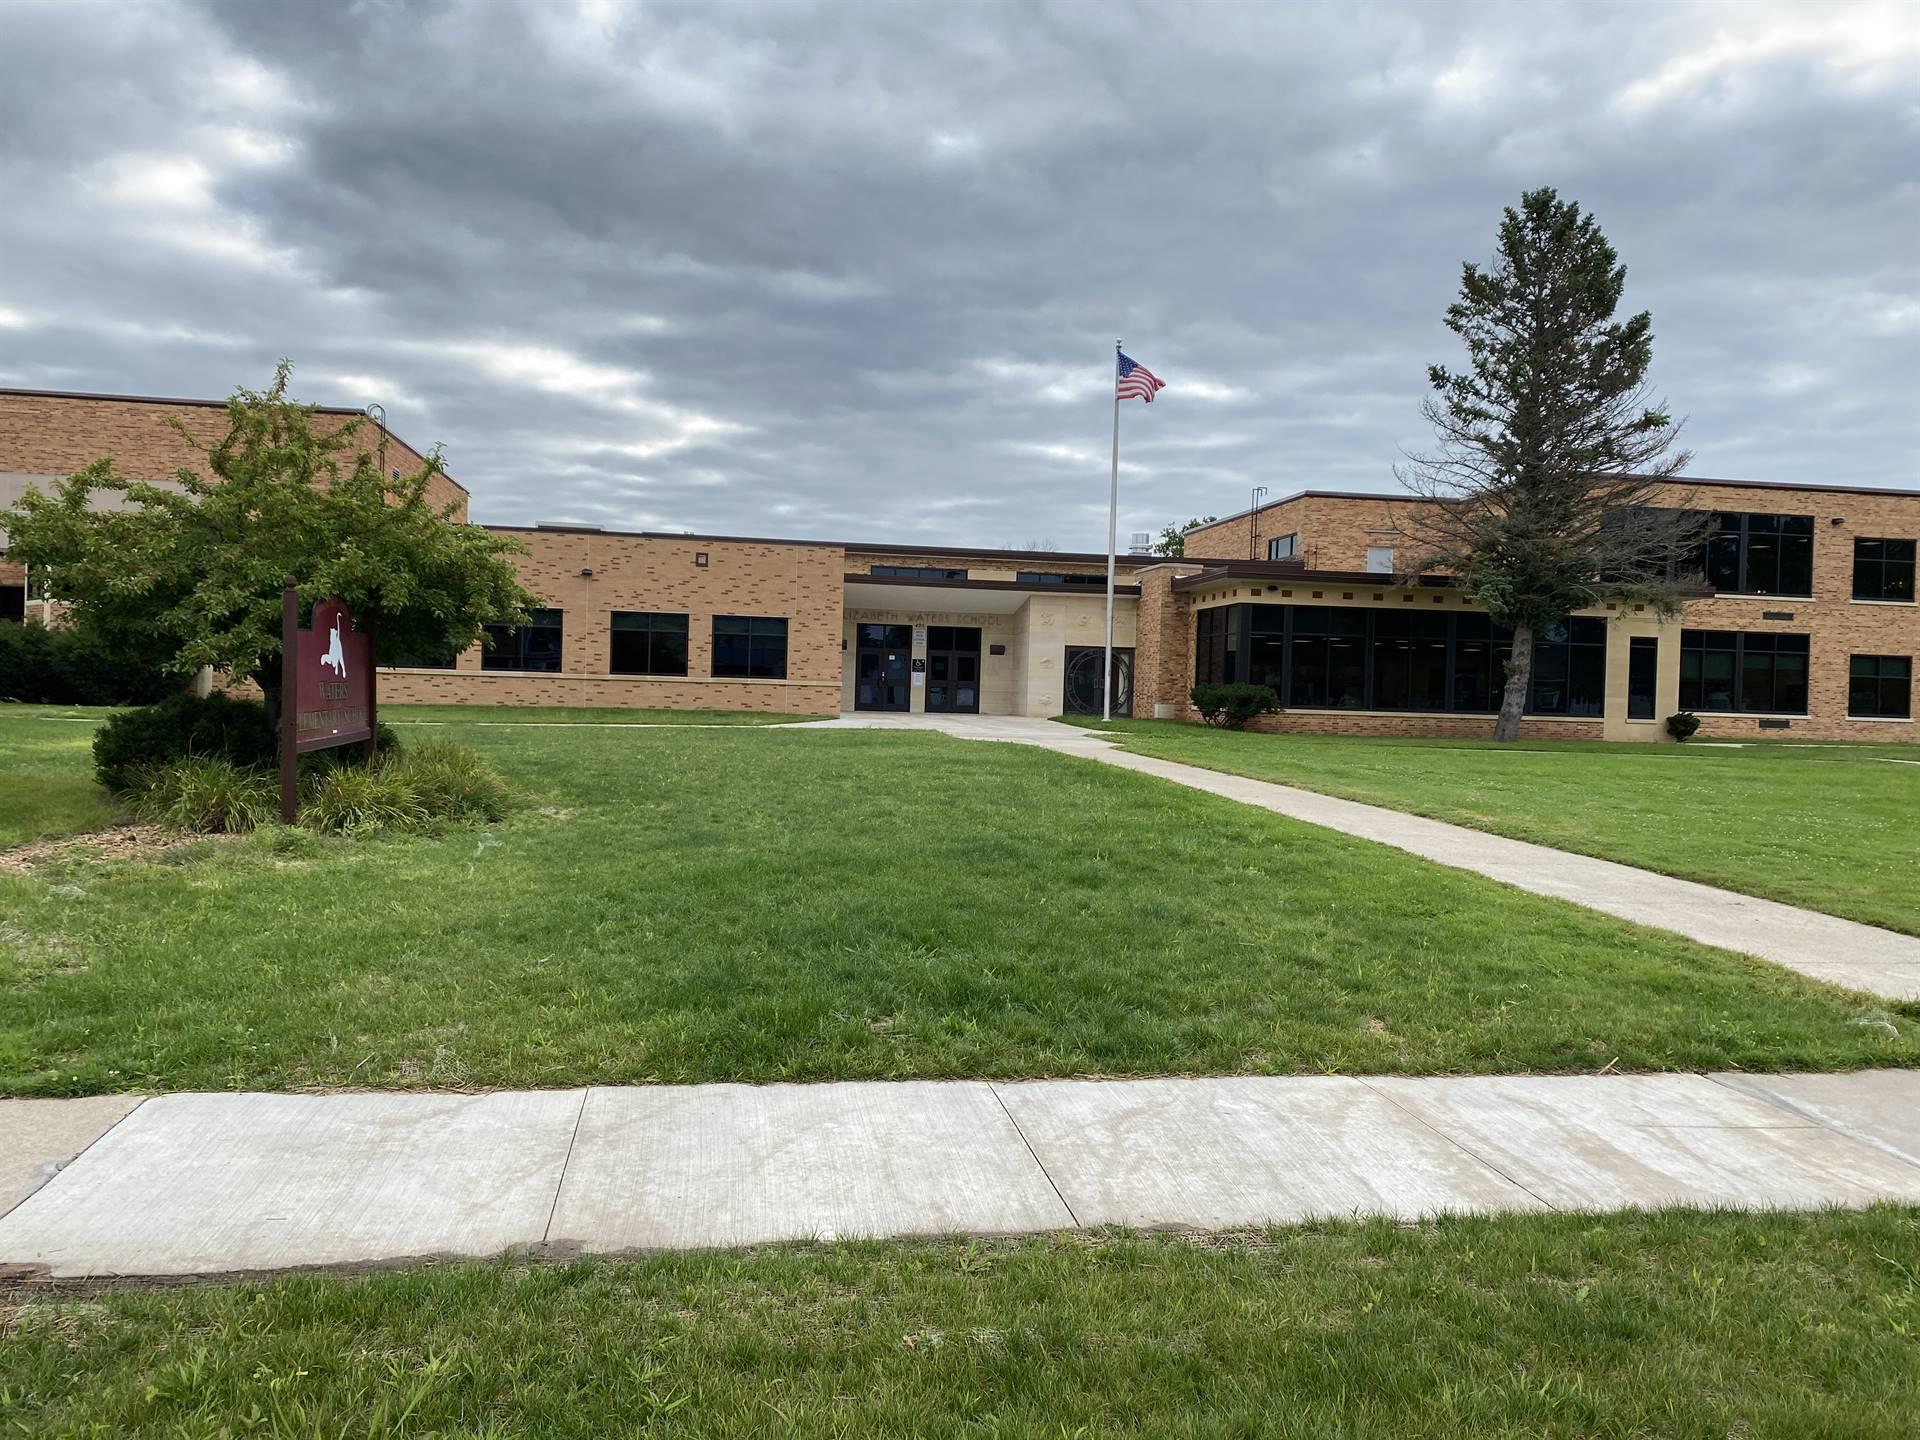 Waters front of school